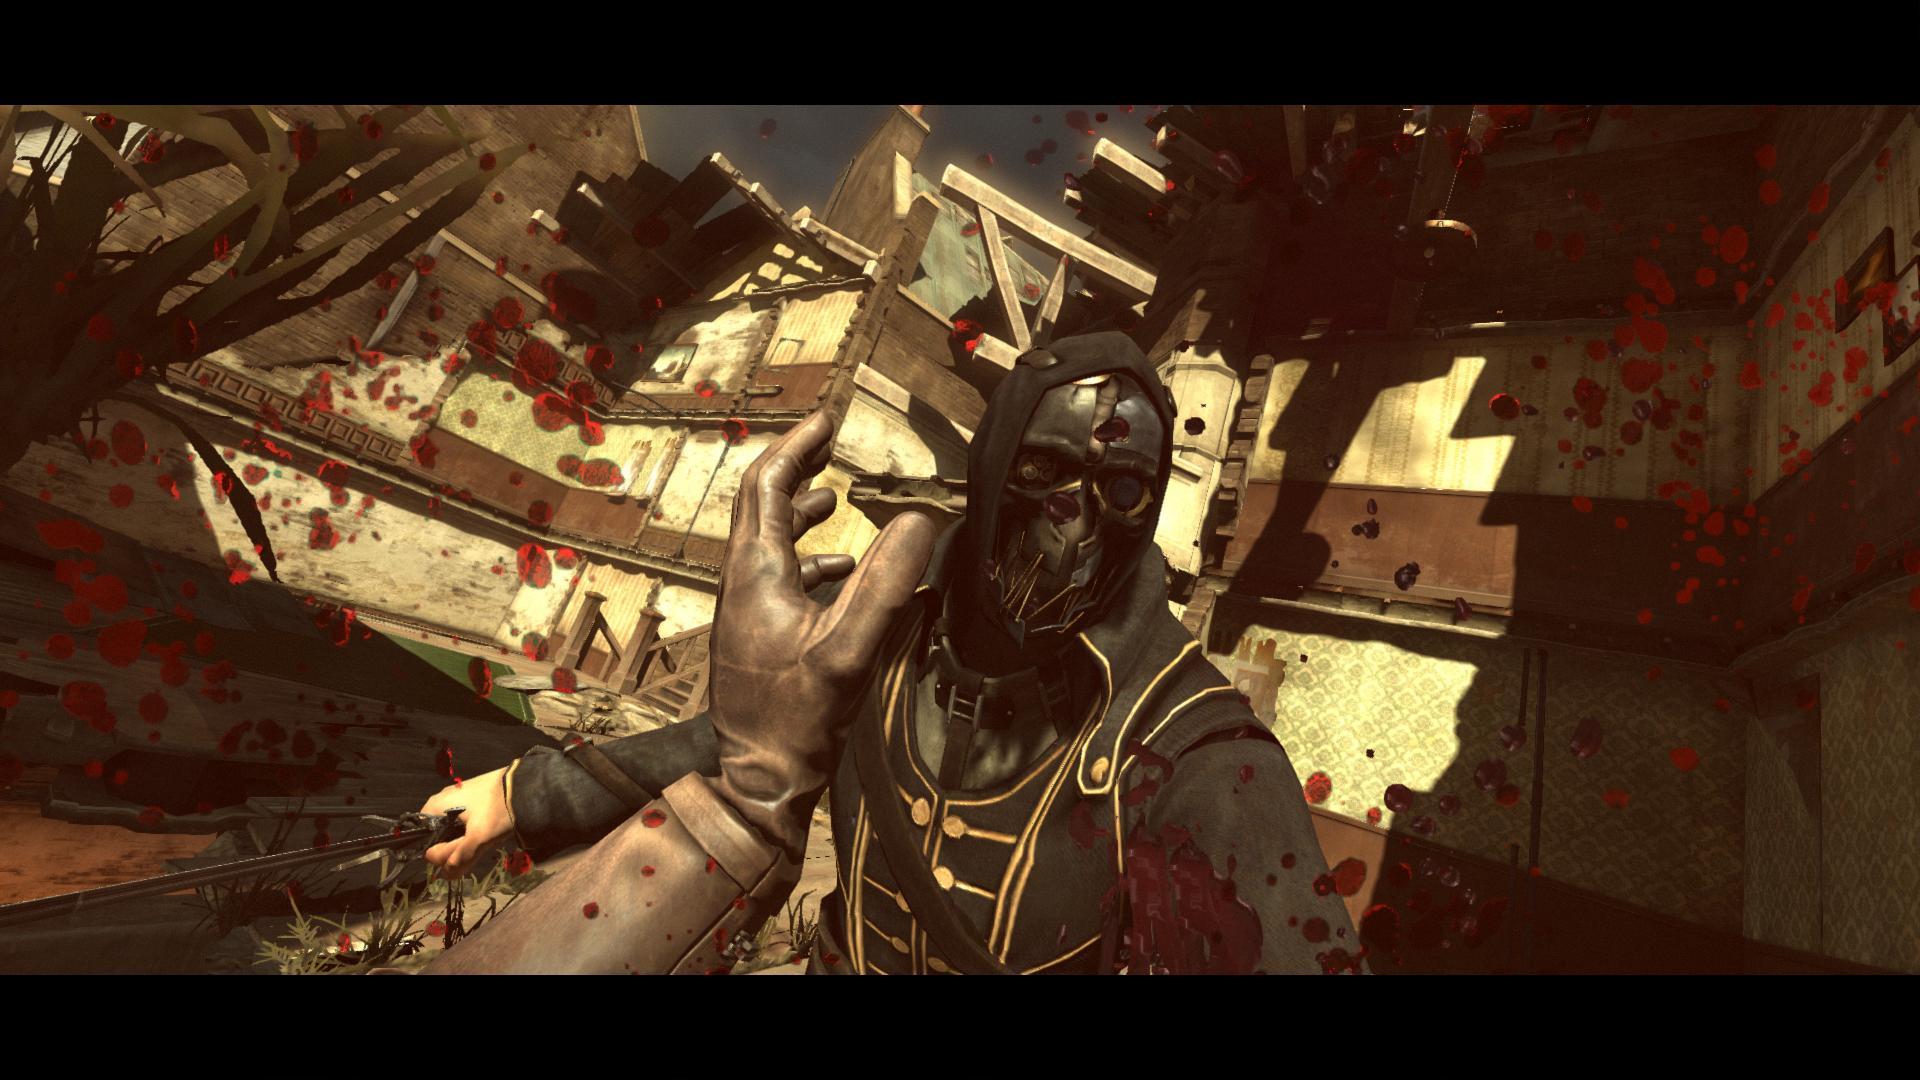 dishonored 2 pc gameplay